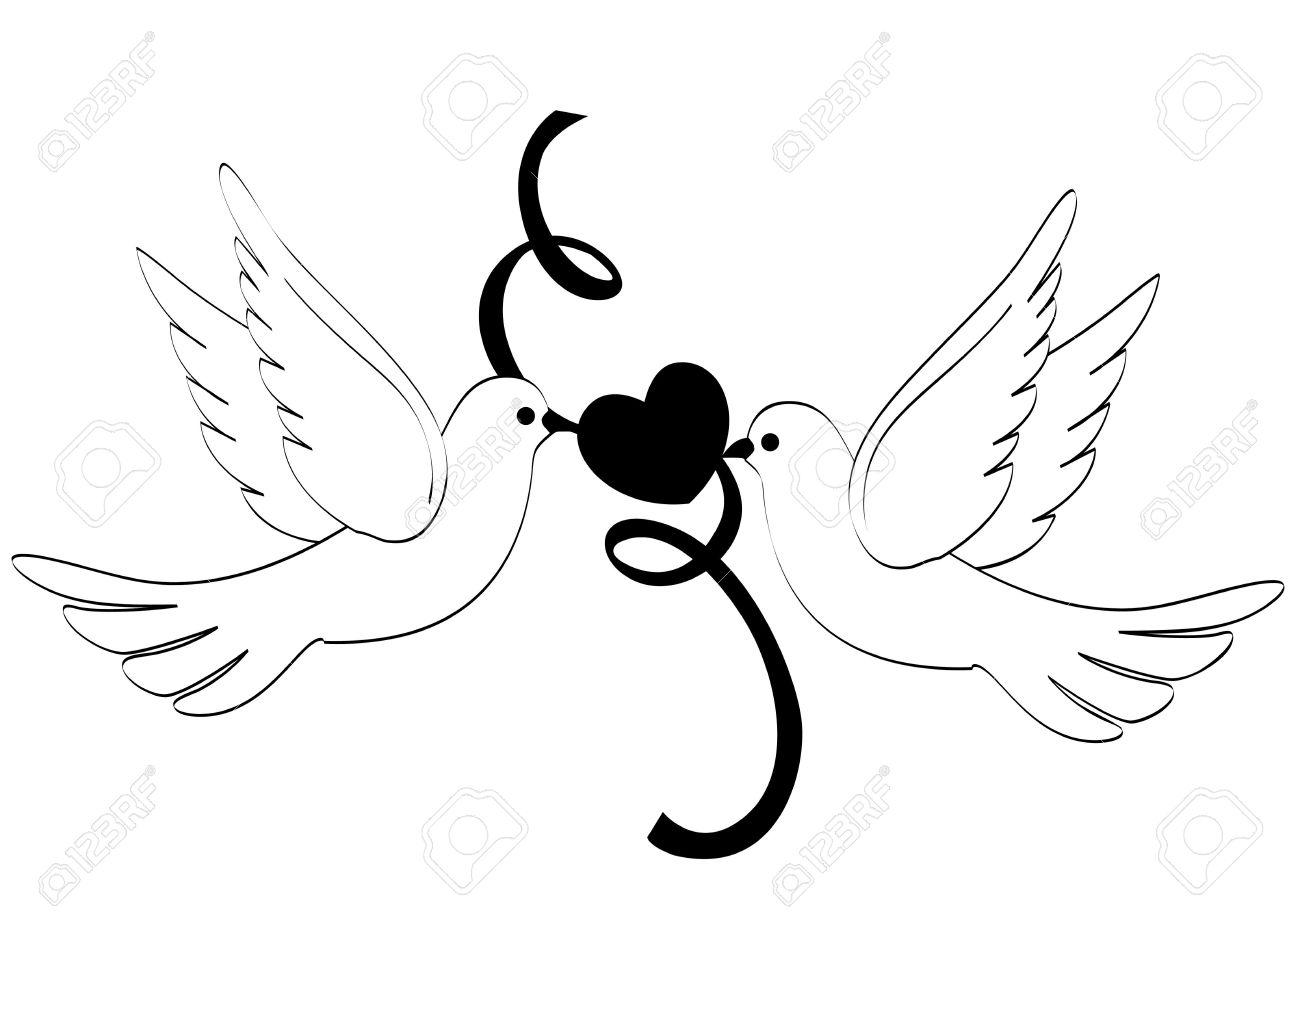 Deux Pigeons Blancs Colombes Titulaires D Un Clipart De Coeur Et Le Ruban Isole Sur Fond Blanc Clip Art Libres De Droits Vecteurs Et Illustration Image 38544212